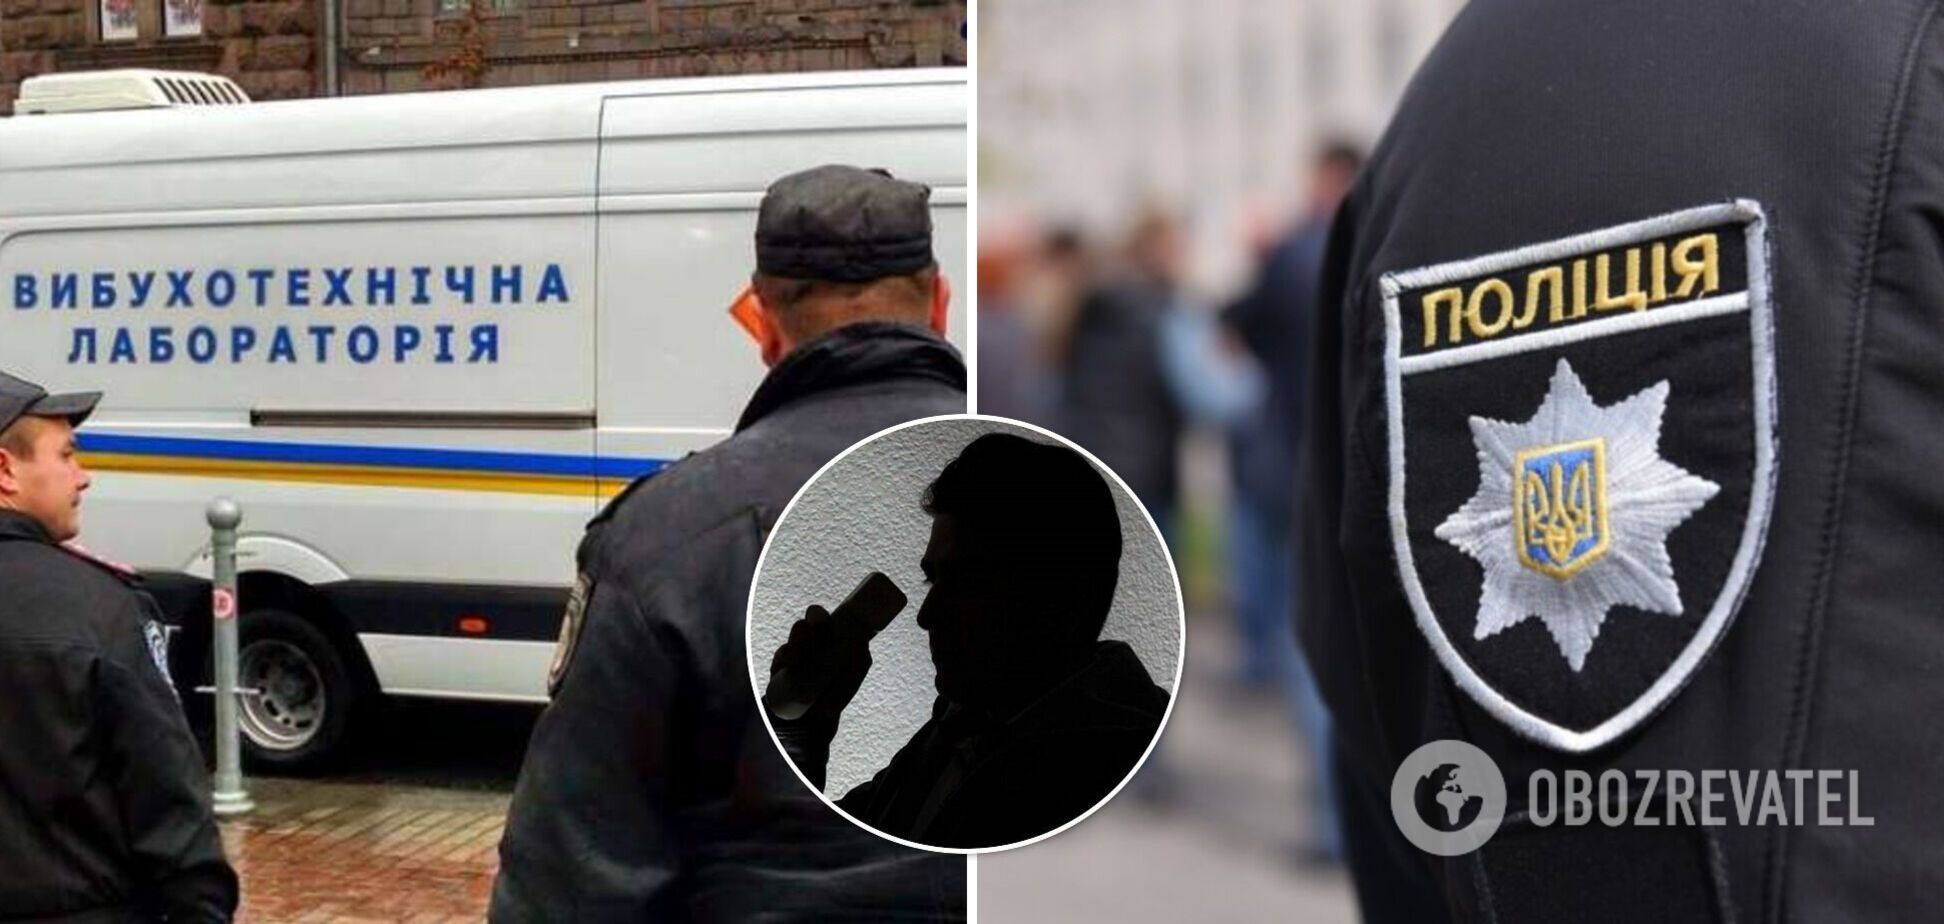 На Дніпропетровщині чоловік 'замінував' будинок колишньої дівчини і вимагав викуп